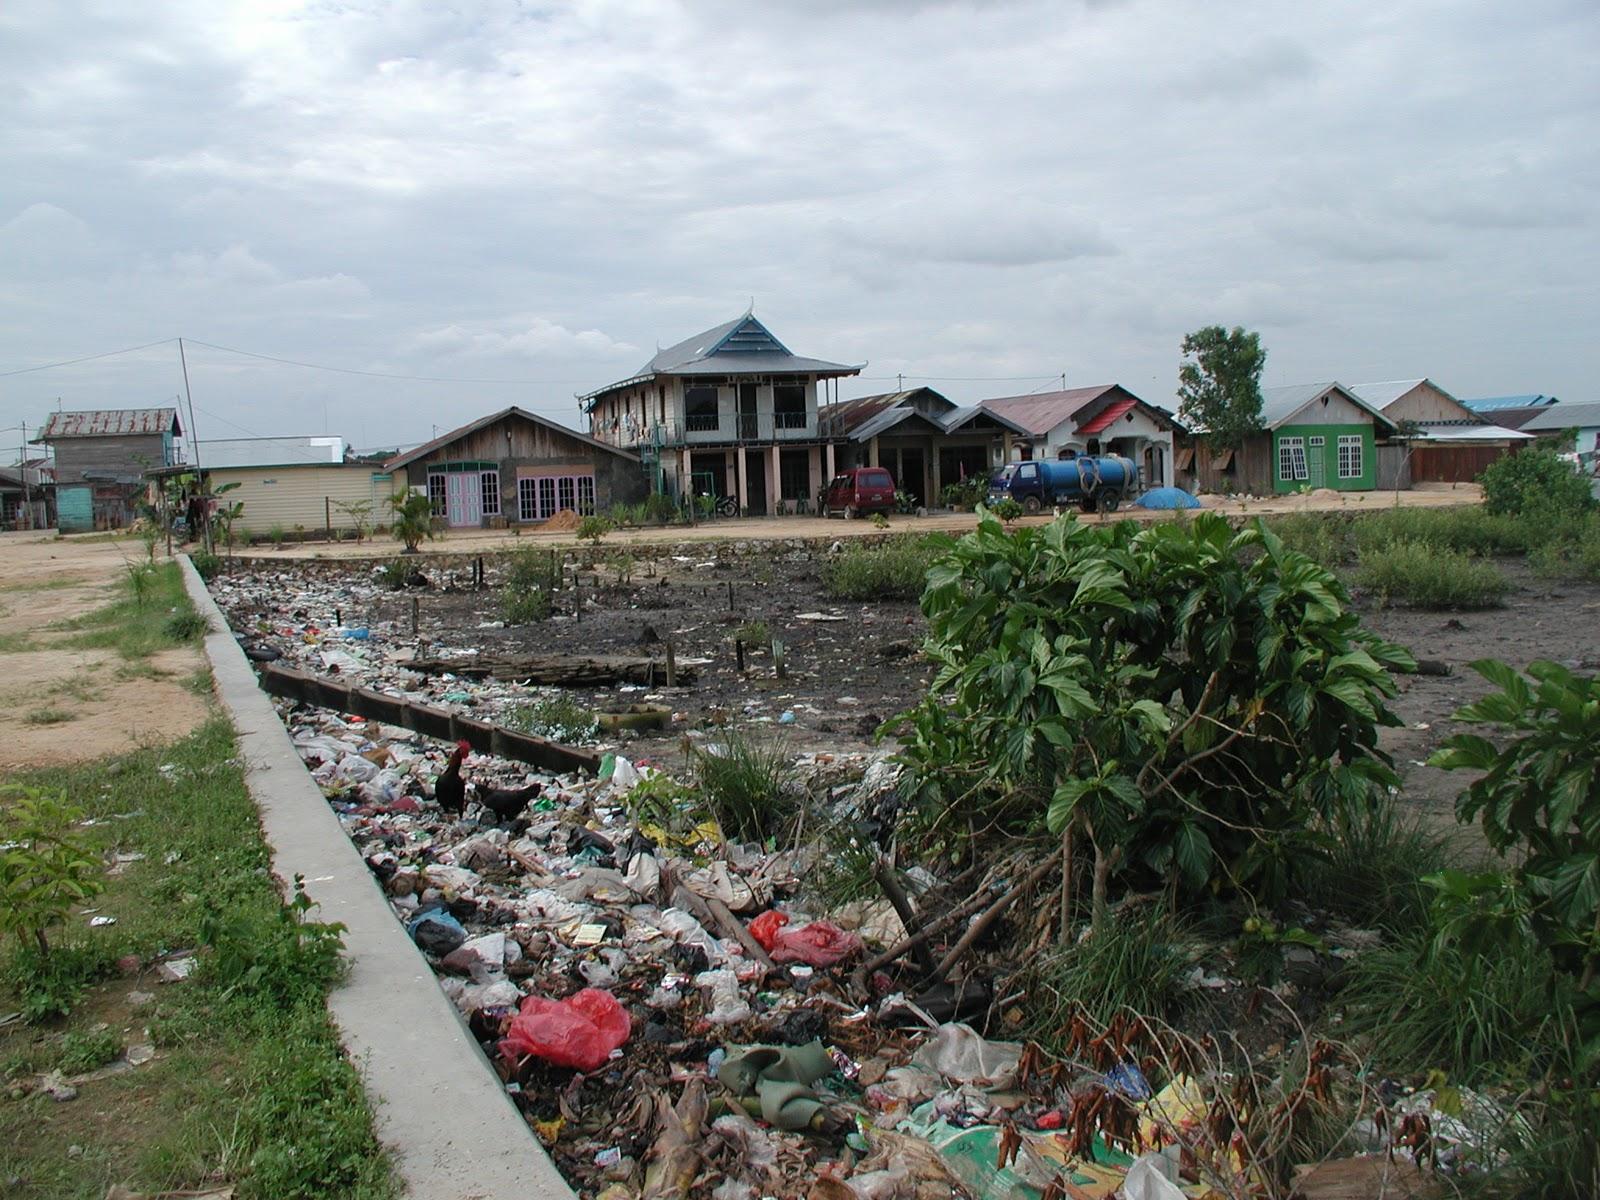 Contoh Tanah Longsor Report Text Full Materi Contoh Report Text Tsunami Natural Sains Students Keseimbangan Lingkungan